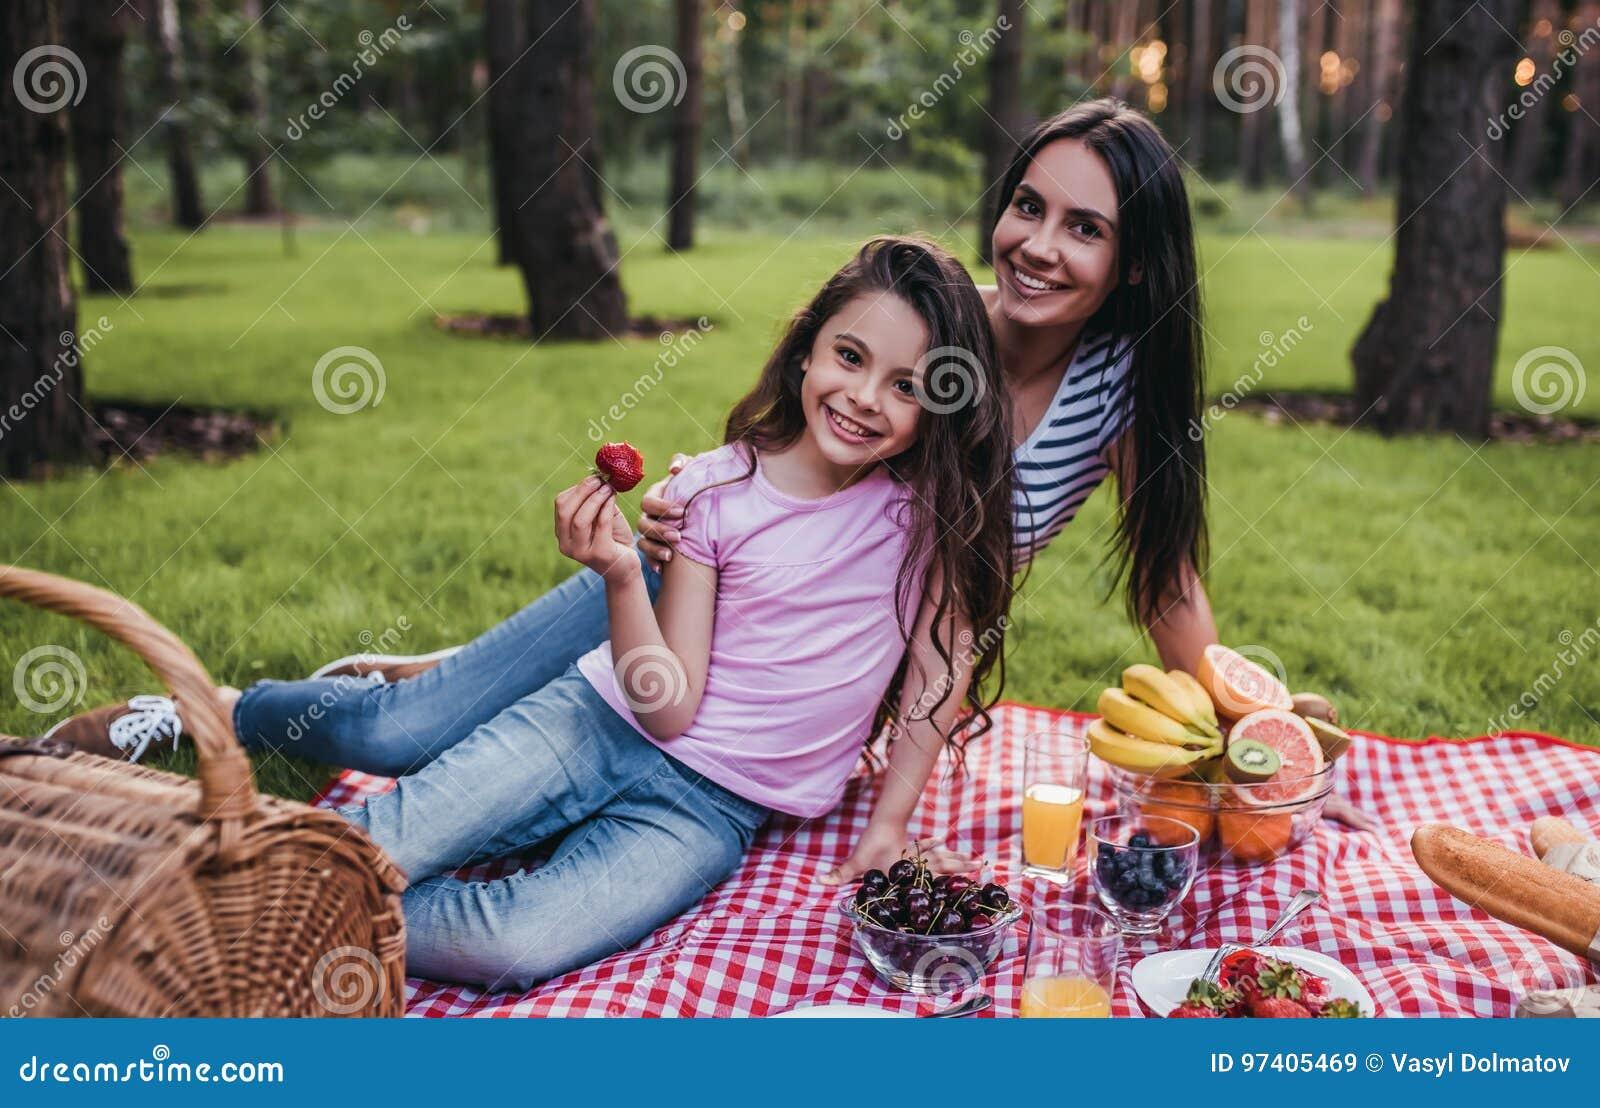 Mamma und Tochter auf Picknick